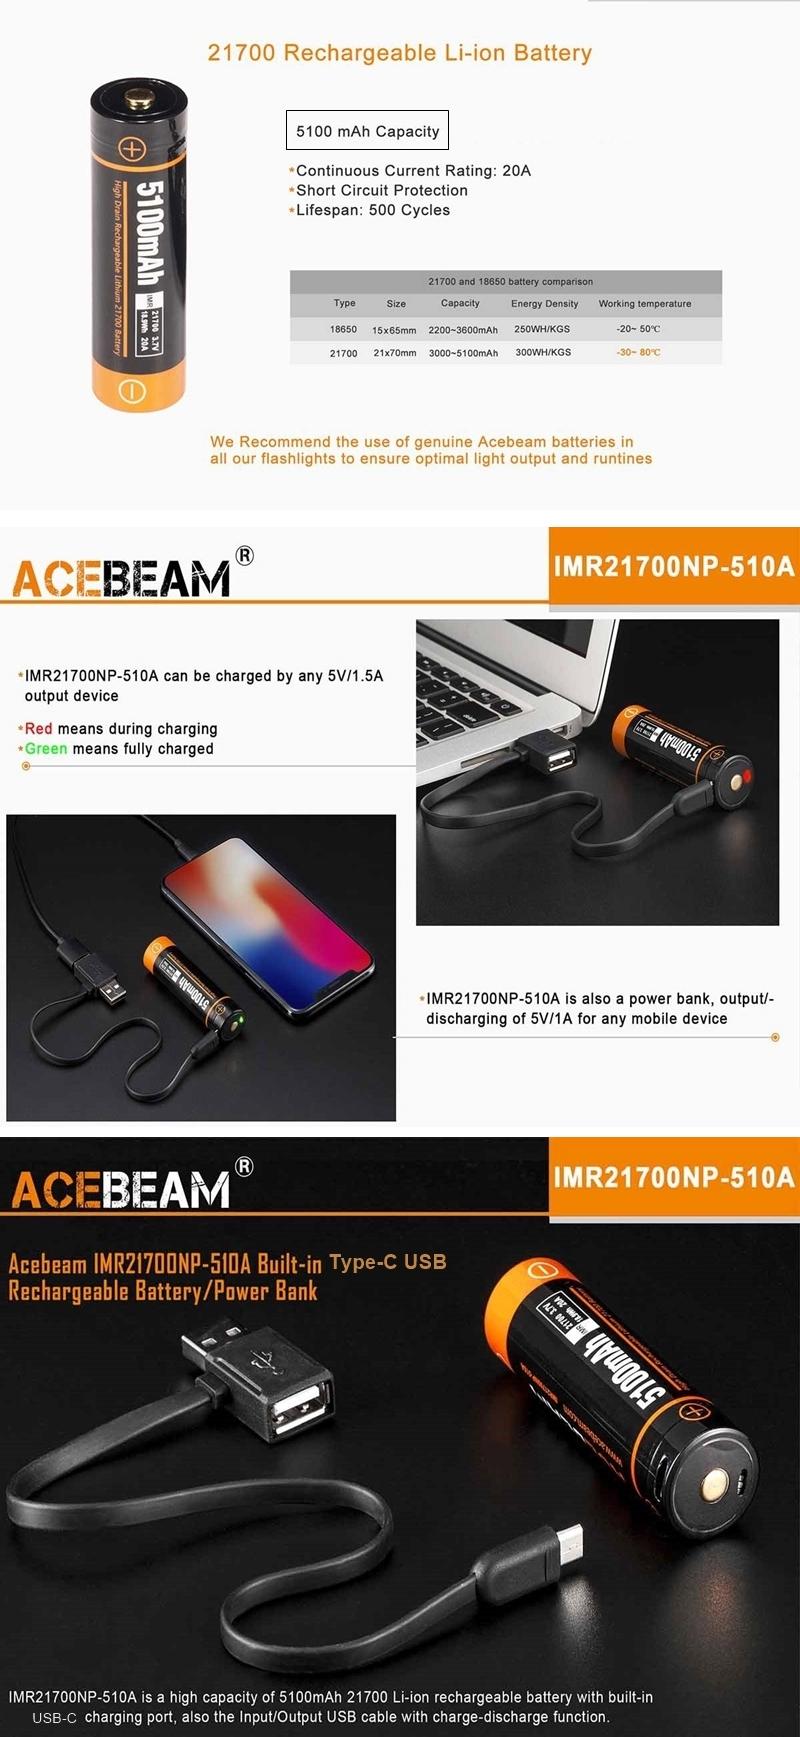 acebeam-IMR21700NP-510A-usb (3)-vert